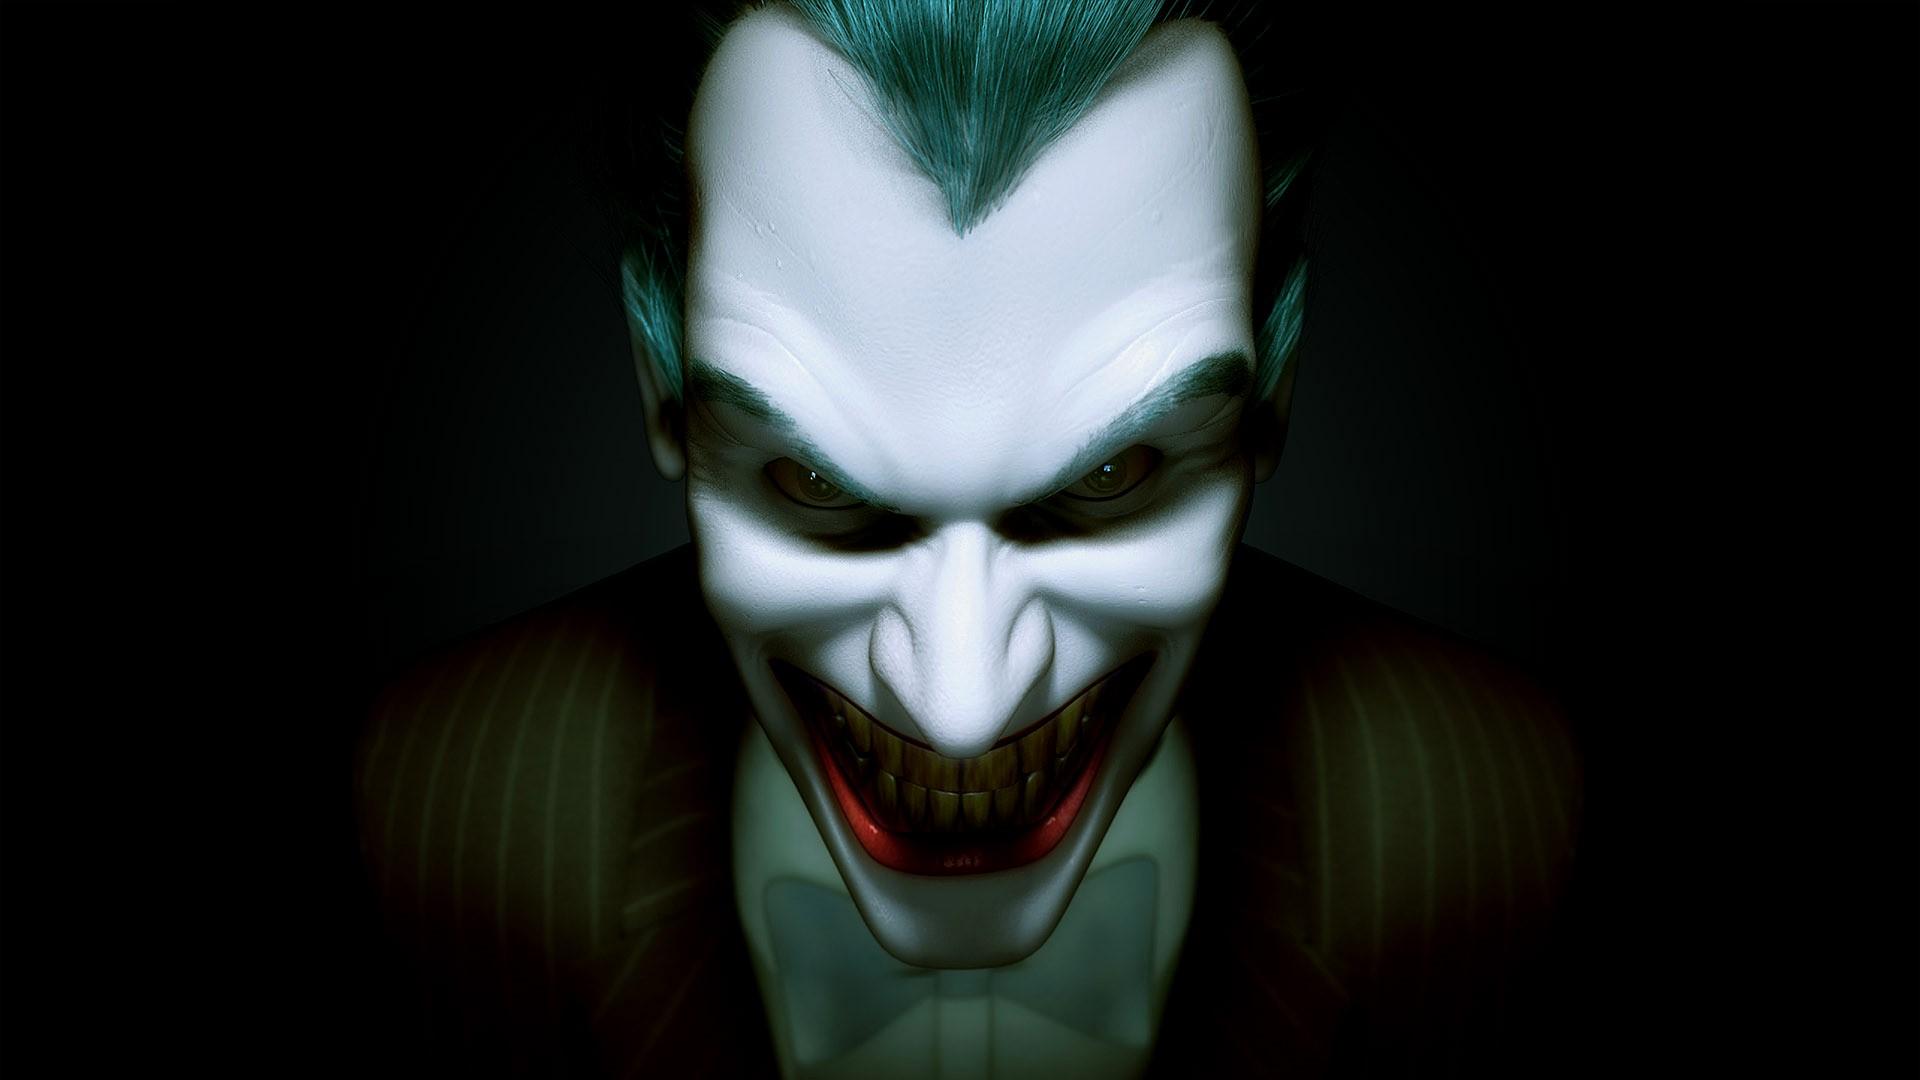 Joker uhd graffiti